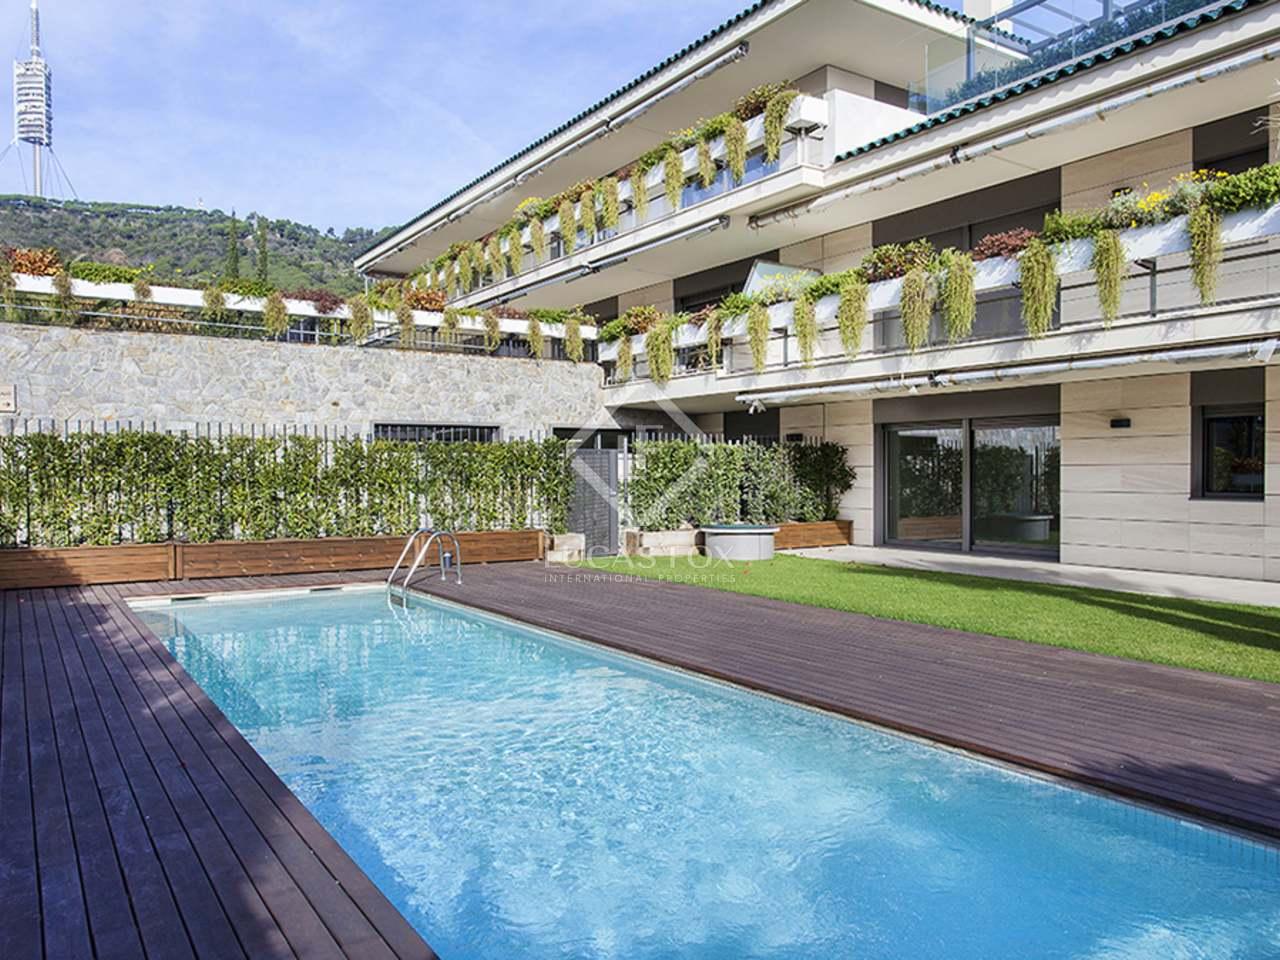 Appartement de 214m a louer sant gervasi la bonanova for Appartement a louer a barcelone avec piscine